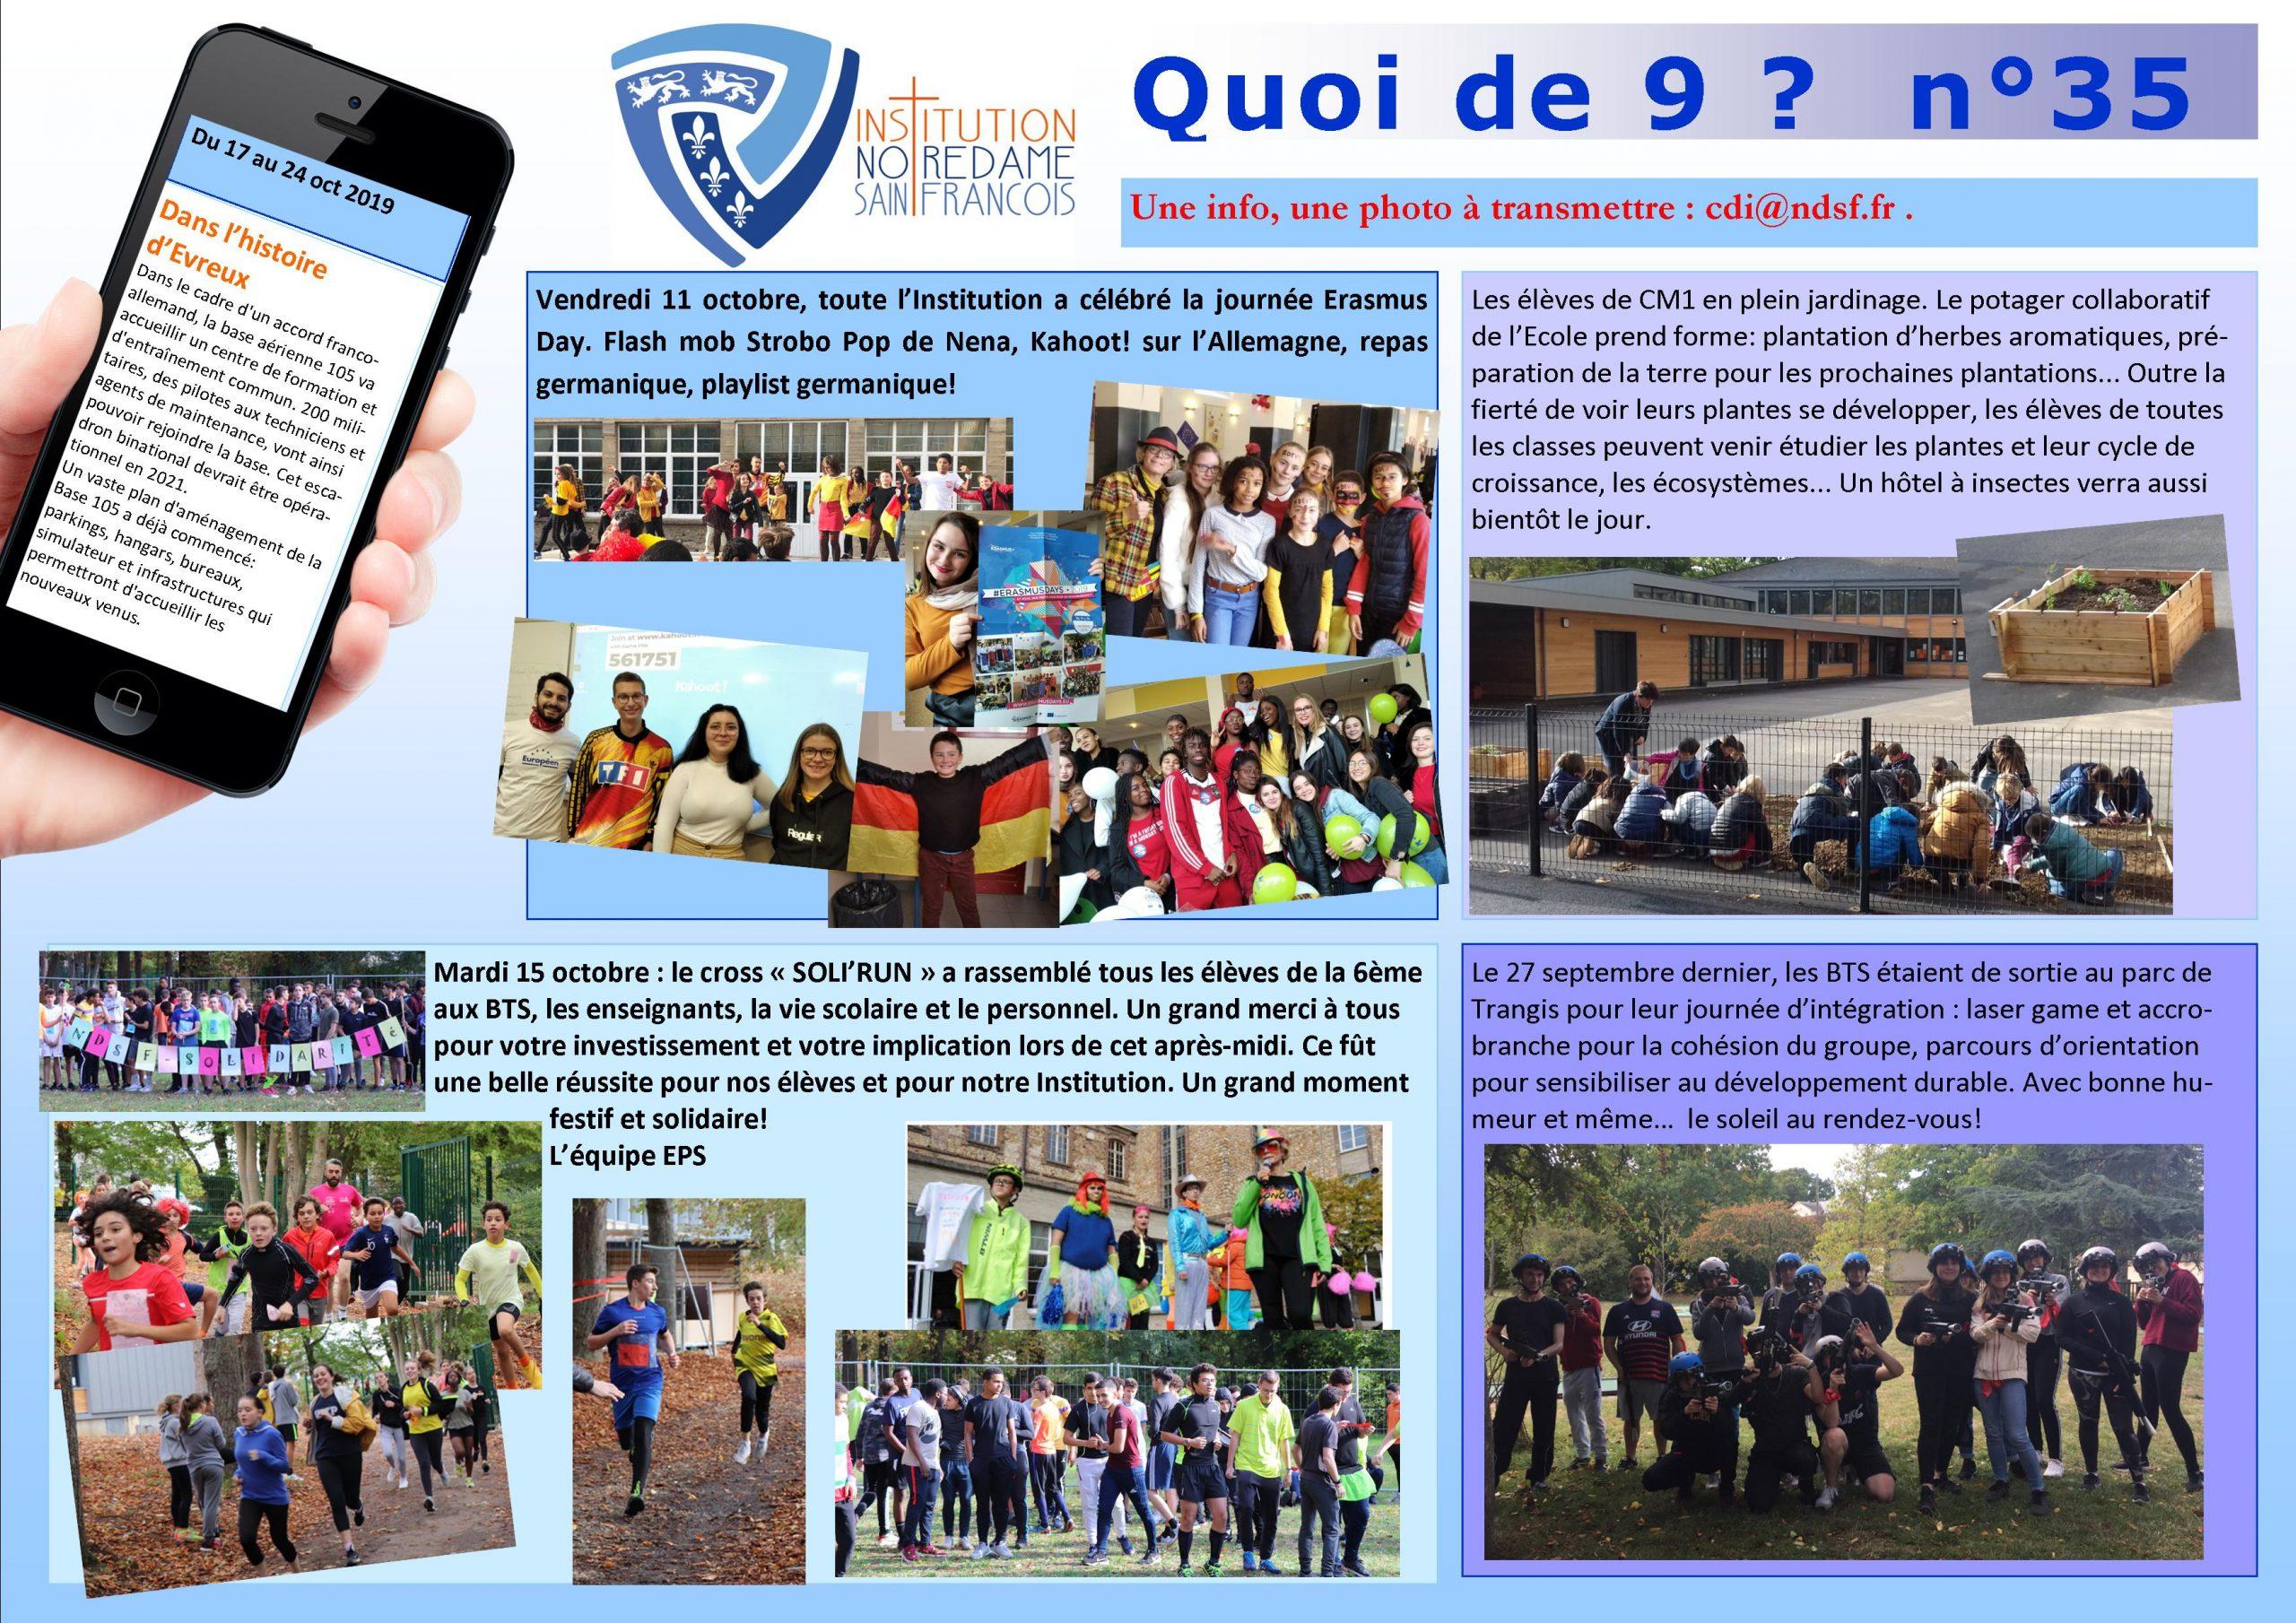 Archives Des Sport - Page 3 Sur 7 - Institution Notre-Dame ... tout Piscine Evreux Jean Bouin